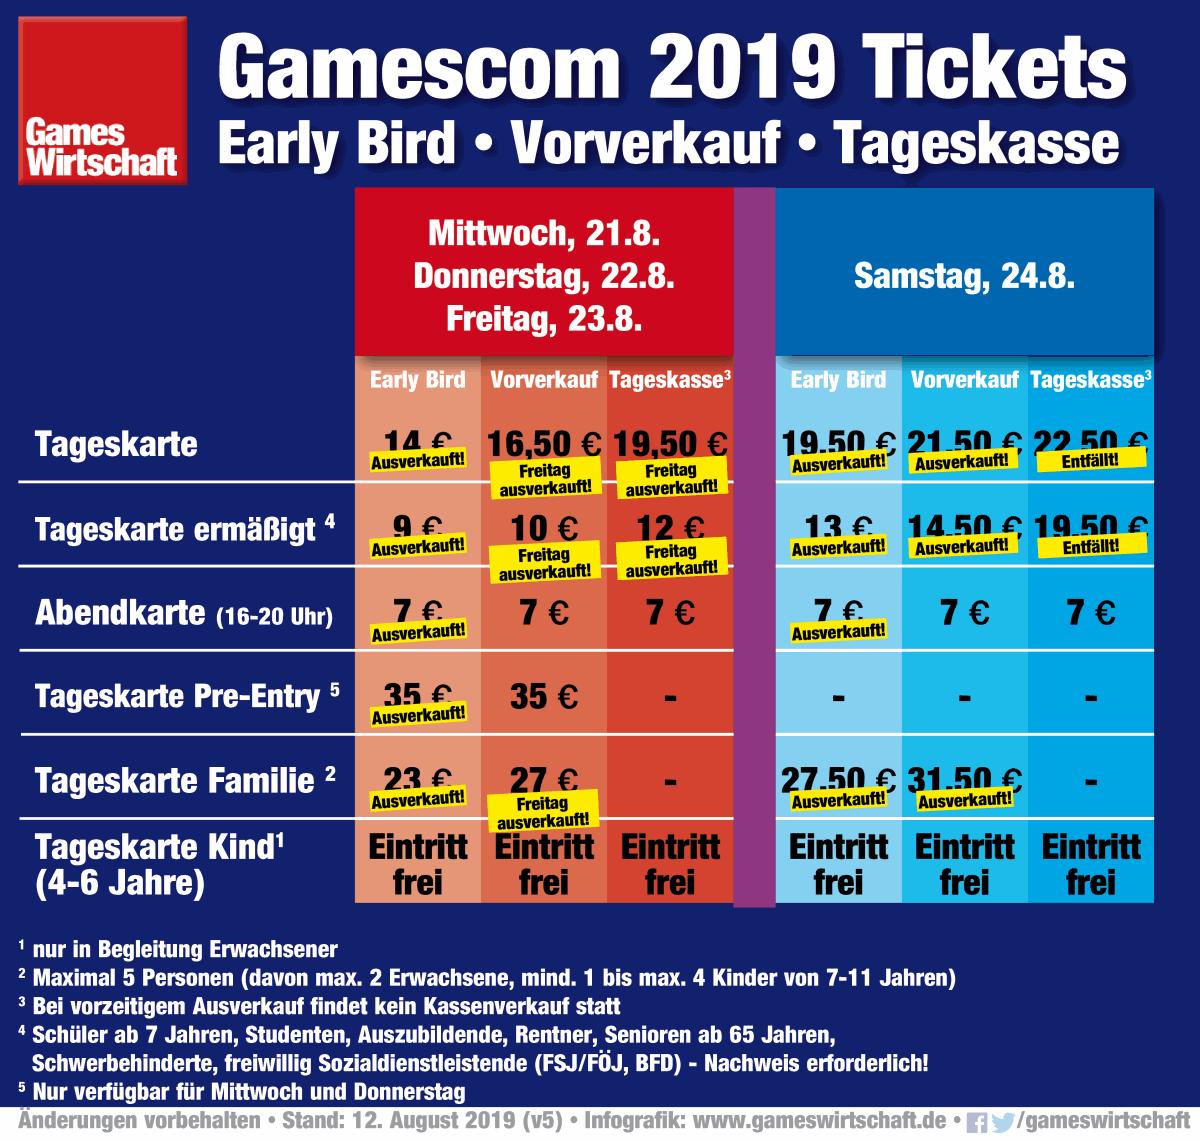 Gamescom-Tickets 2019: Eine Woche vor Messe-Start sind nur noch Tagestickets für Donnerstag und Freitag im Angebot (Stand: 12.8.2019)